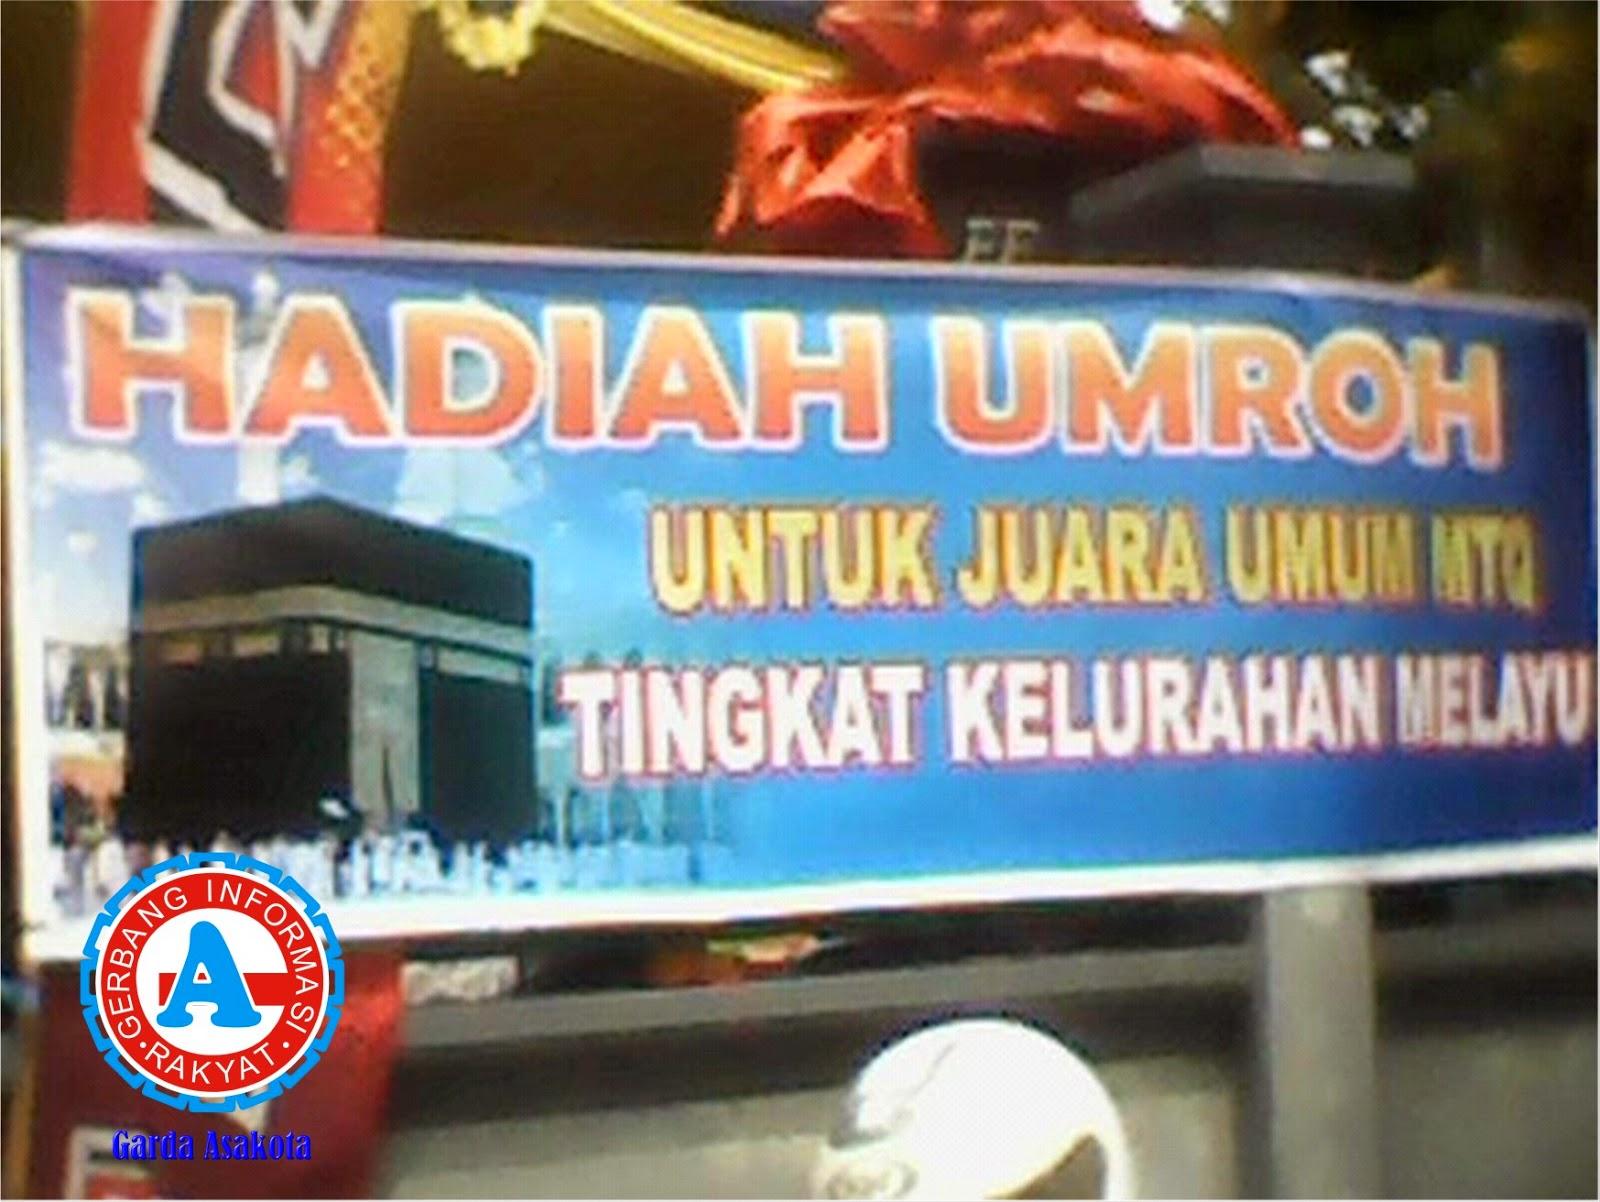 Juara Umum MTQ Kelurahan Melayu Kantongi Tiket Umrah